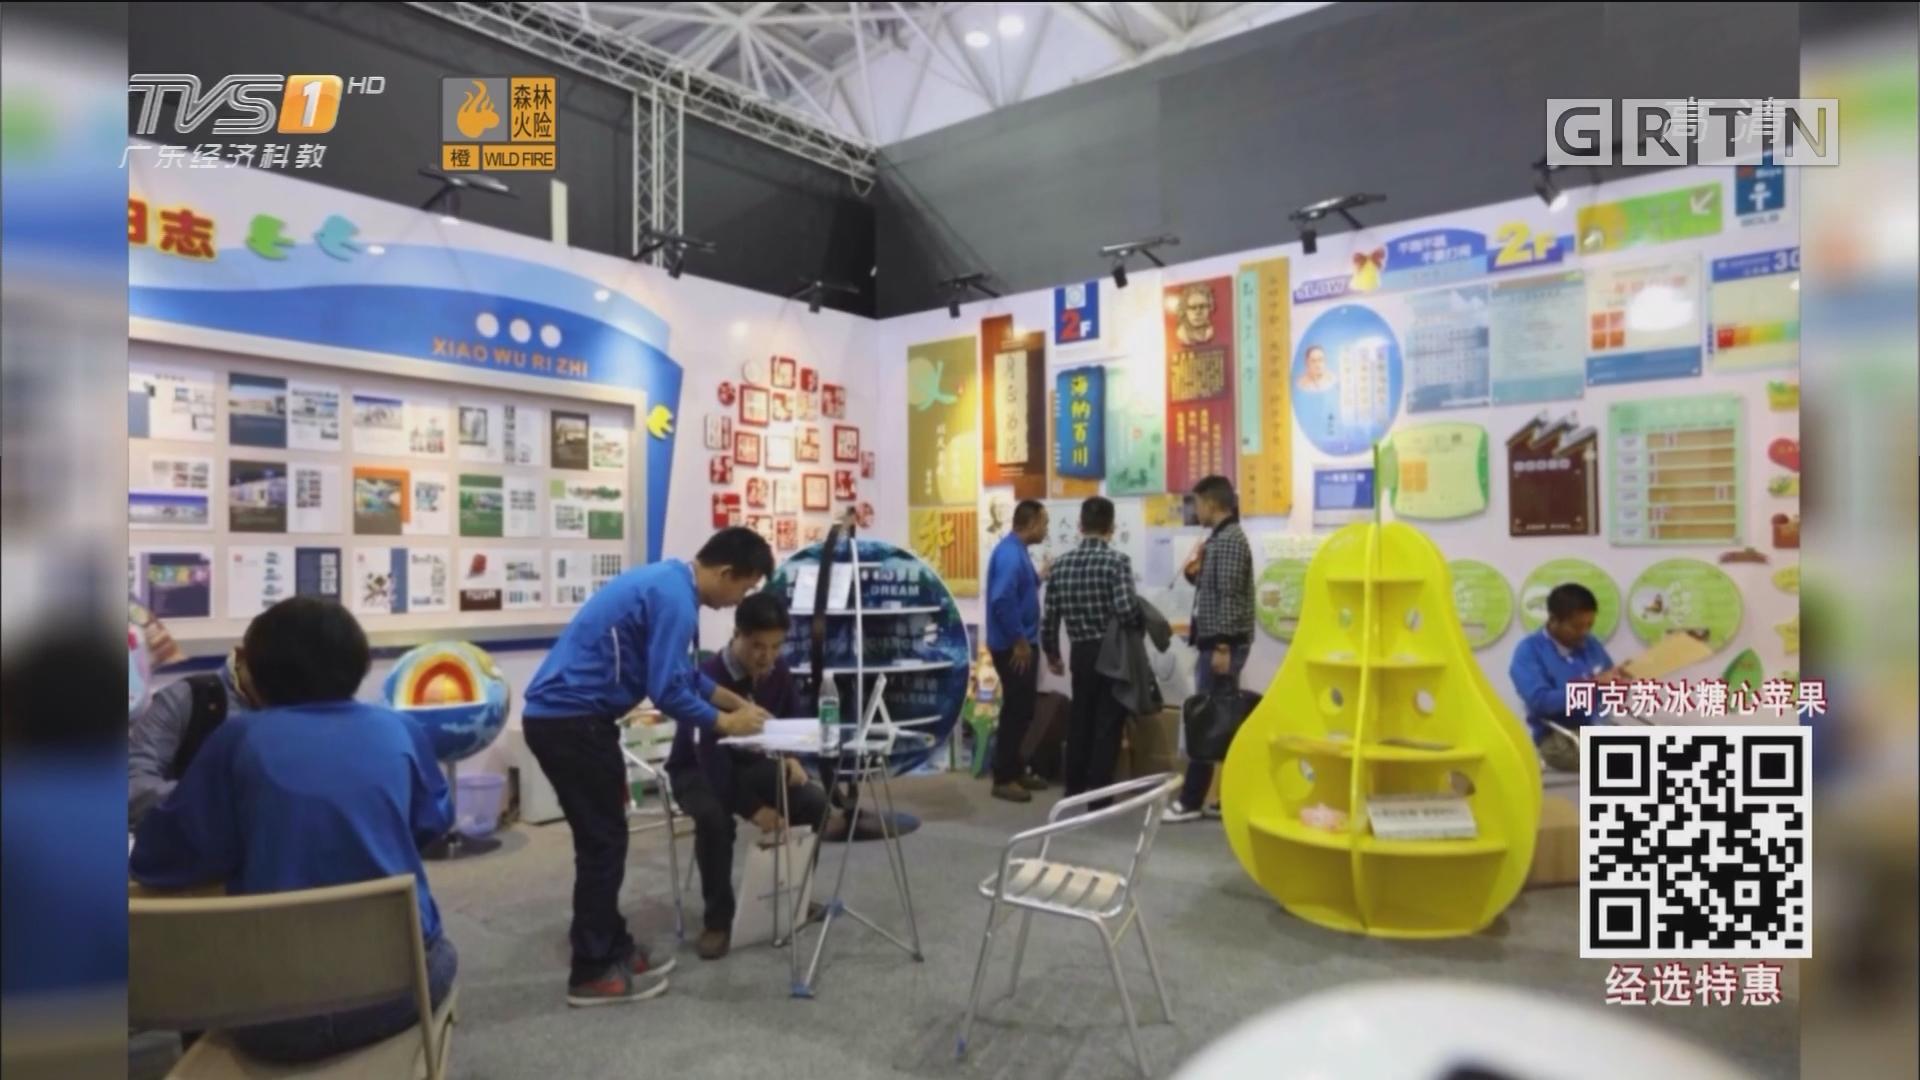 中国教育装备展首次落户广州明天开幕